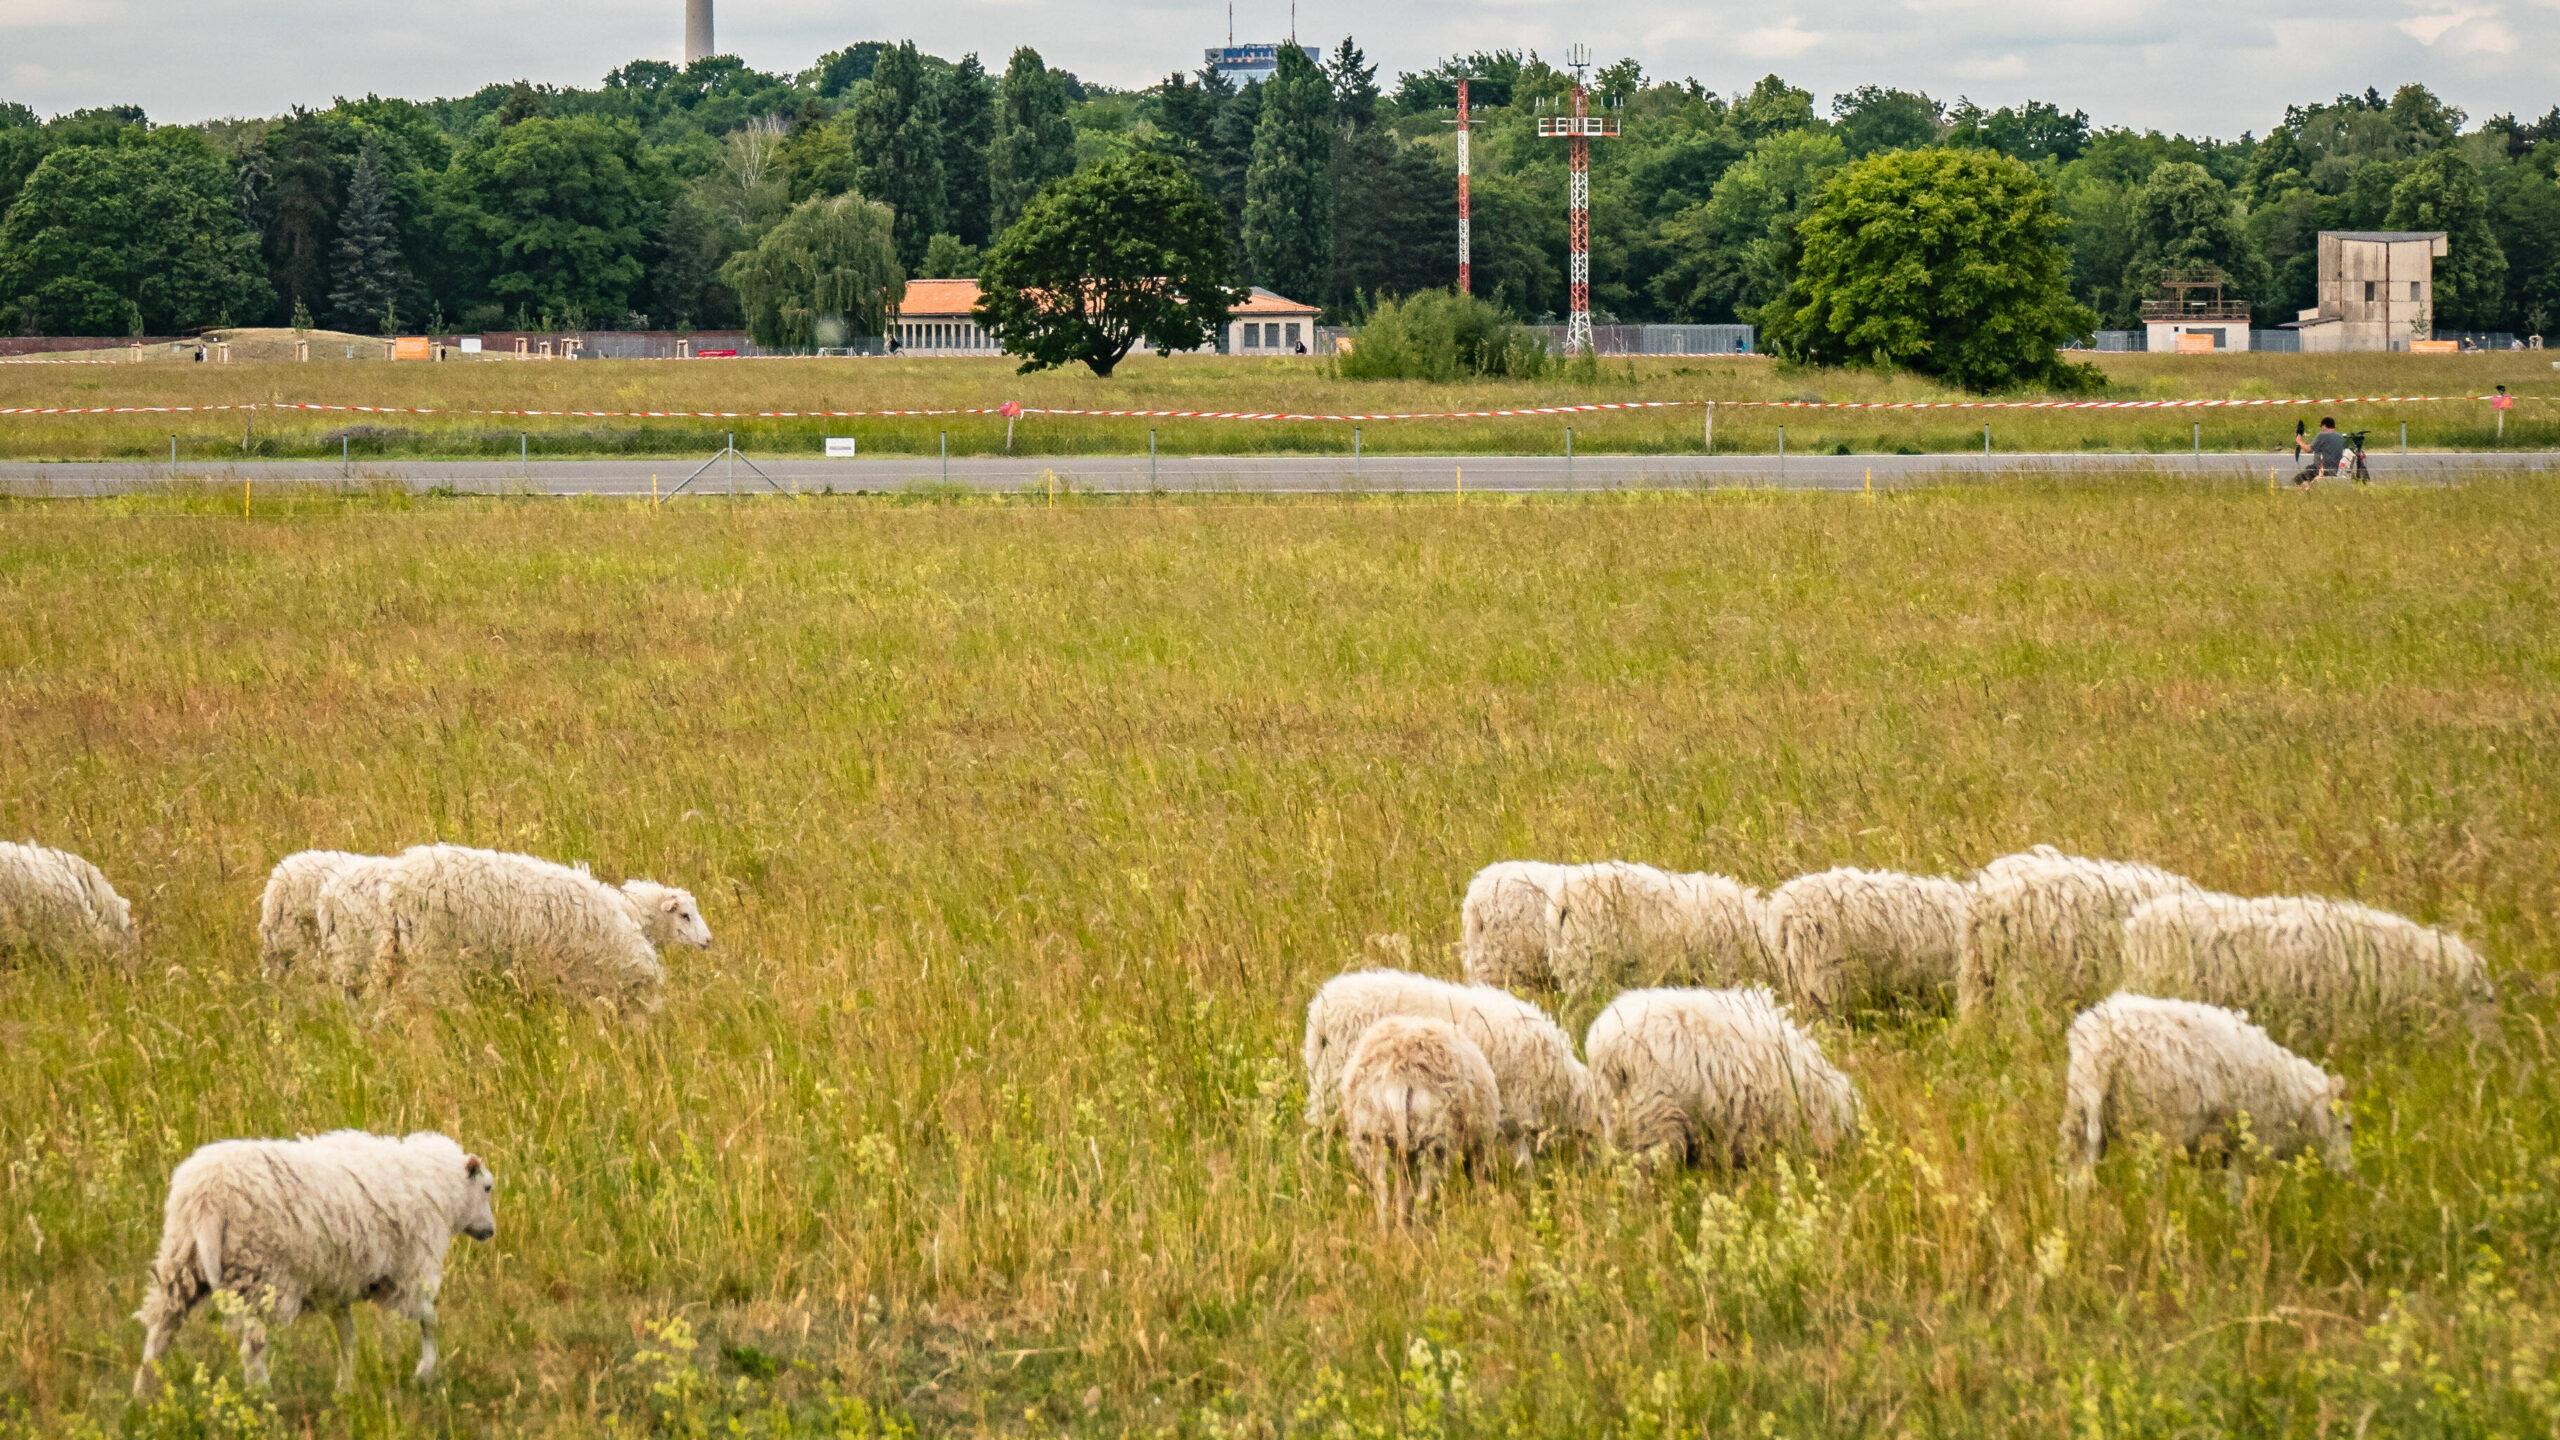 Skuddenschafe weiden wieder am Tempelhofer Feld